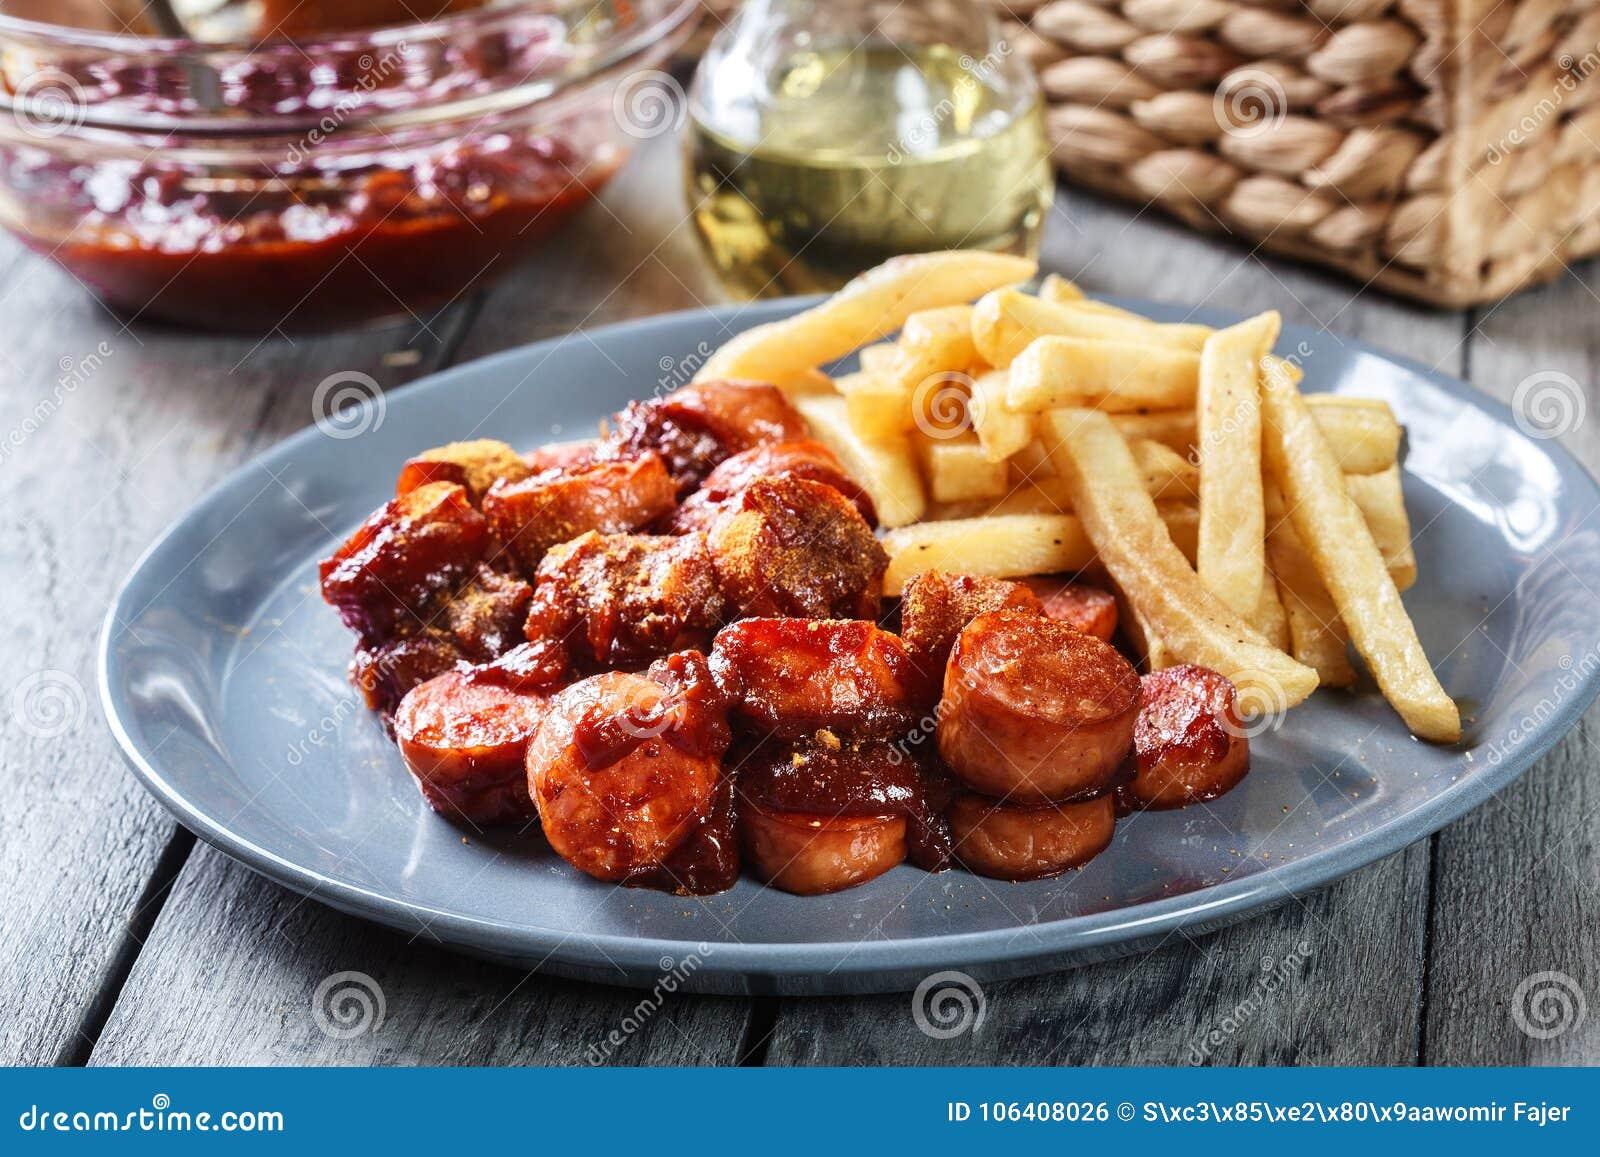 Currywurst alemão tradicional - partes de salsicha com molho de caril